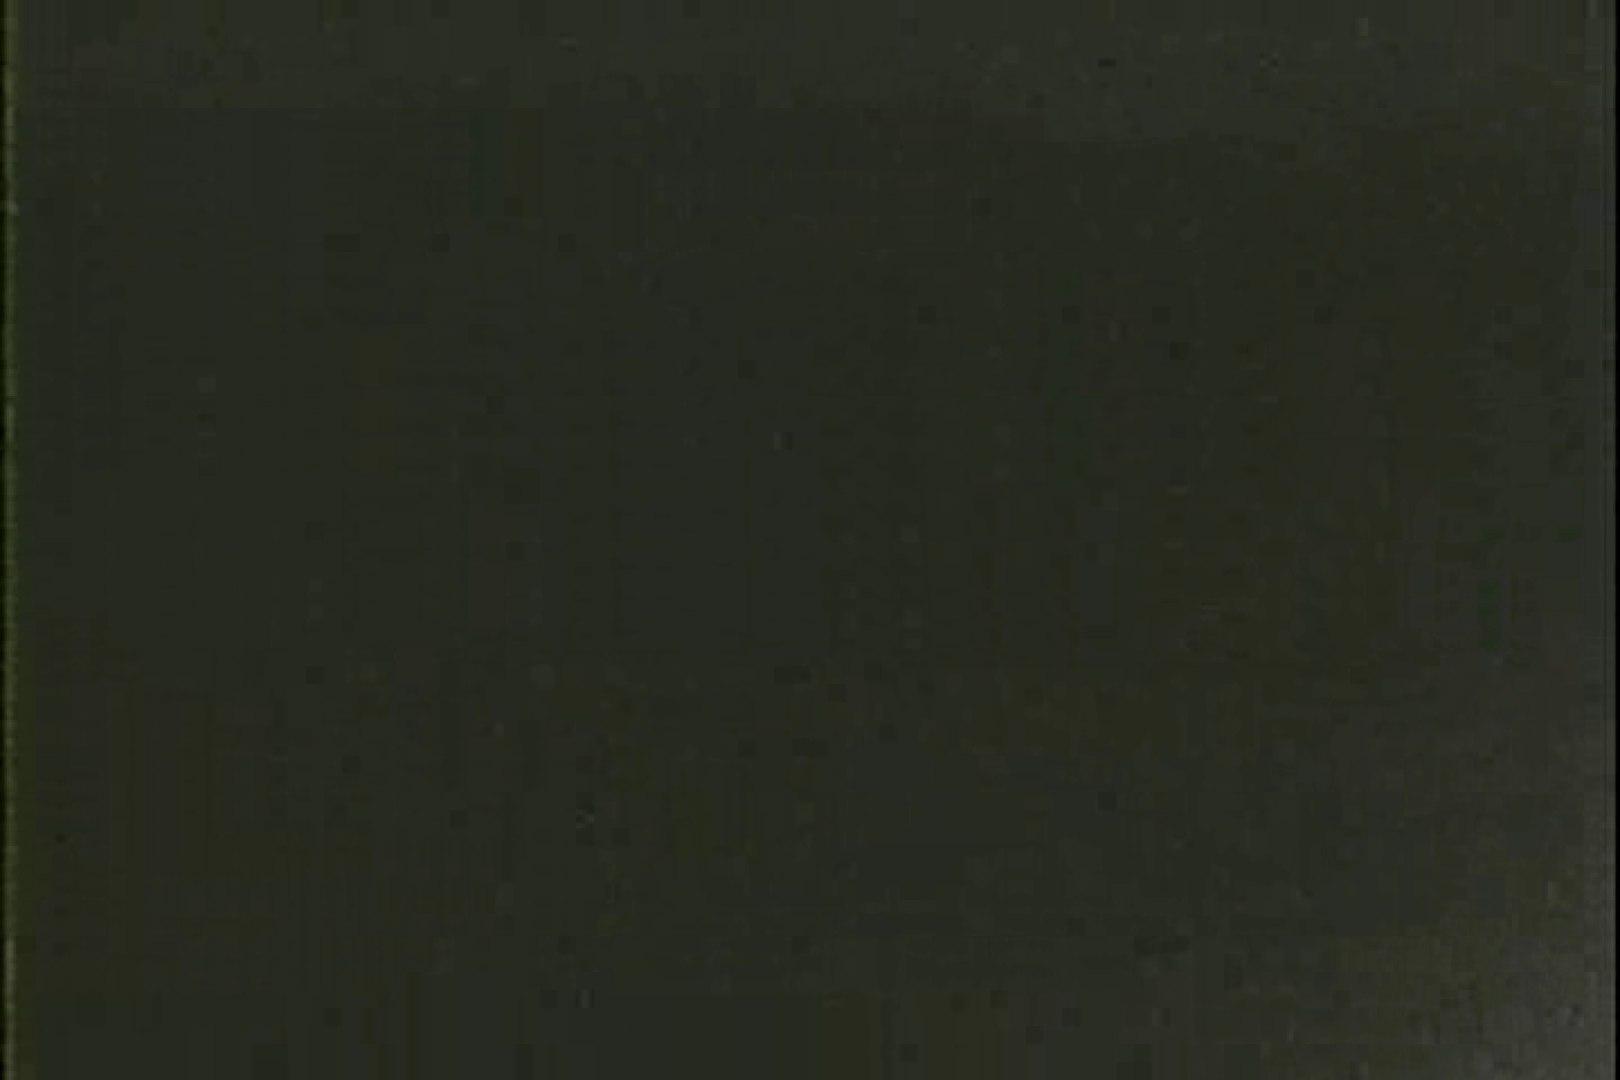 「ちくりん」さんのオリジナル未編集パンチラVol.5_02 パンチラ | 美女OL  57連発 25